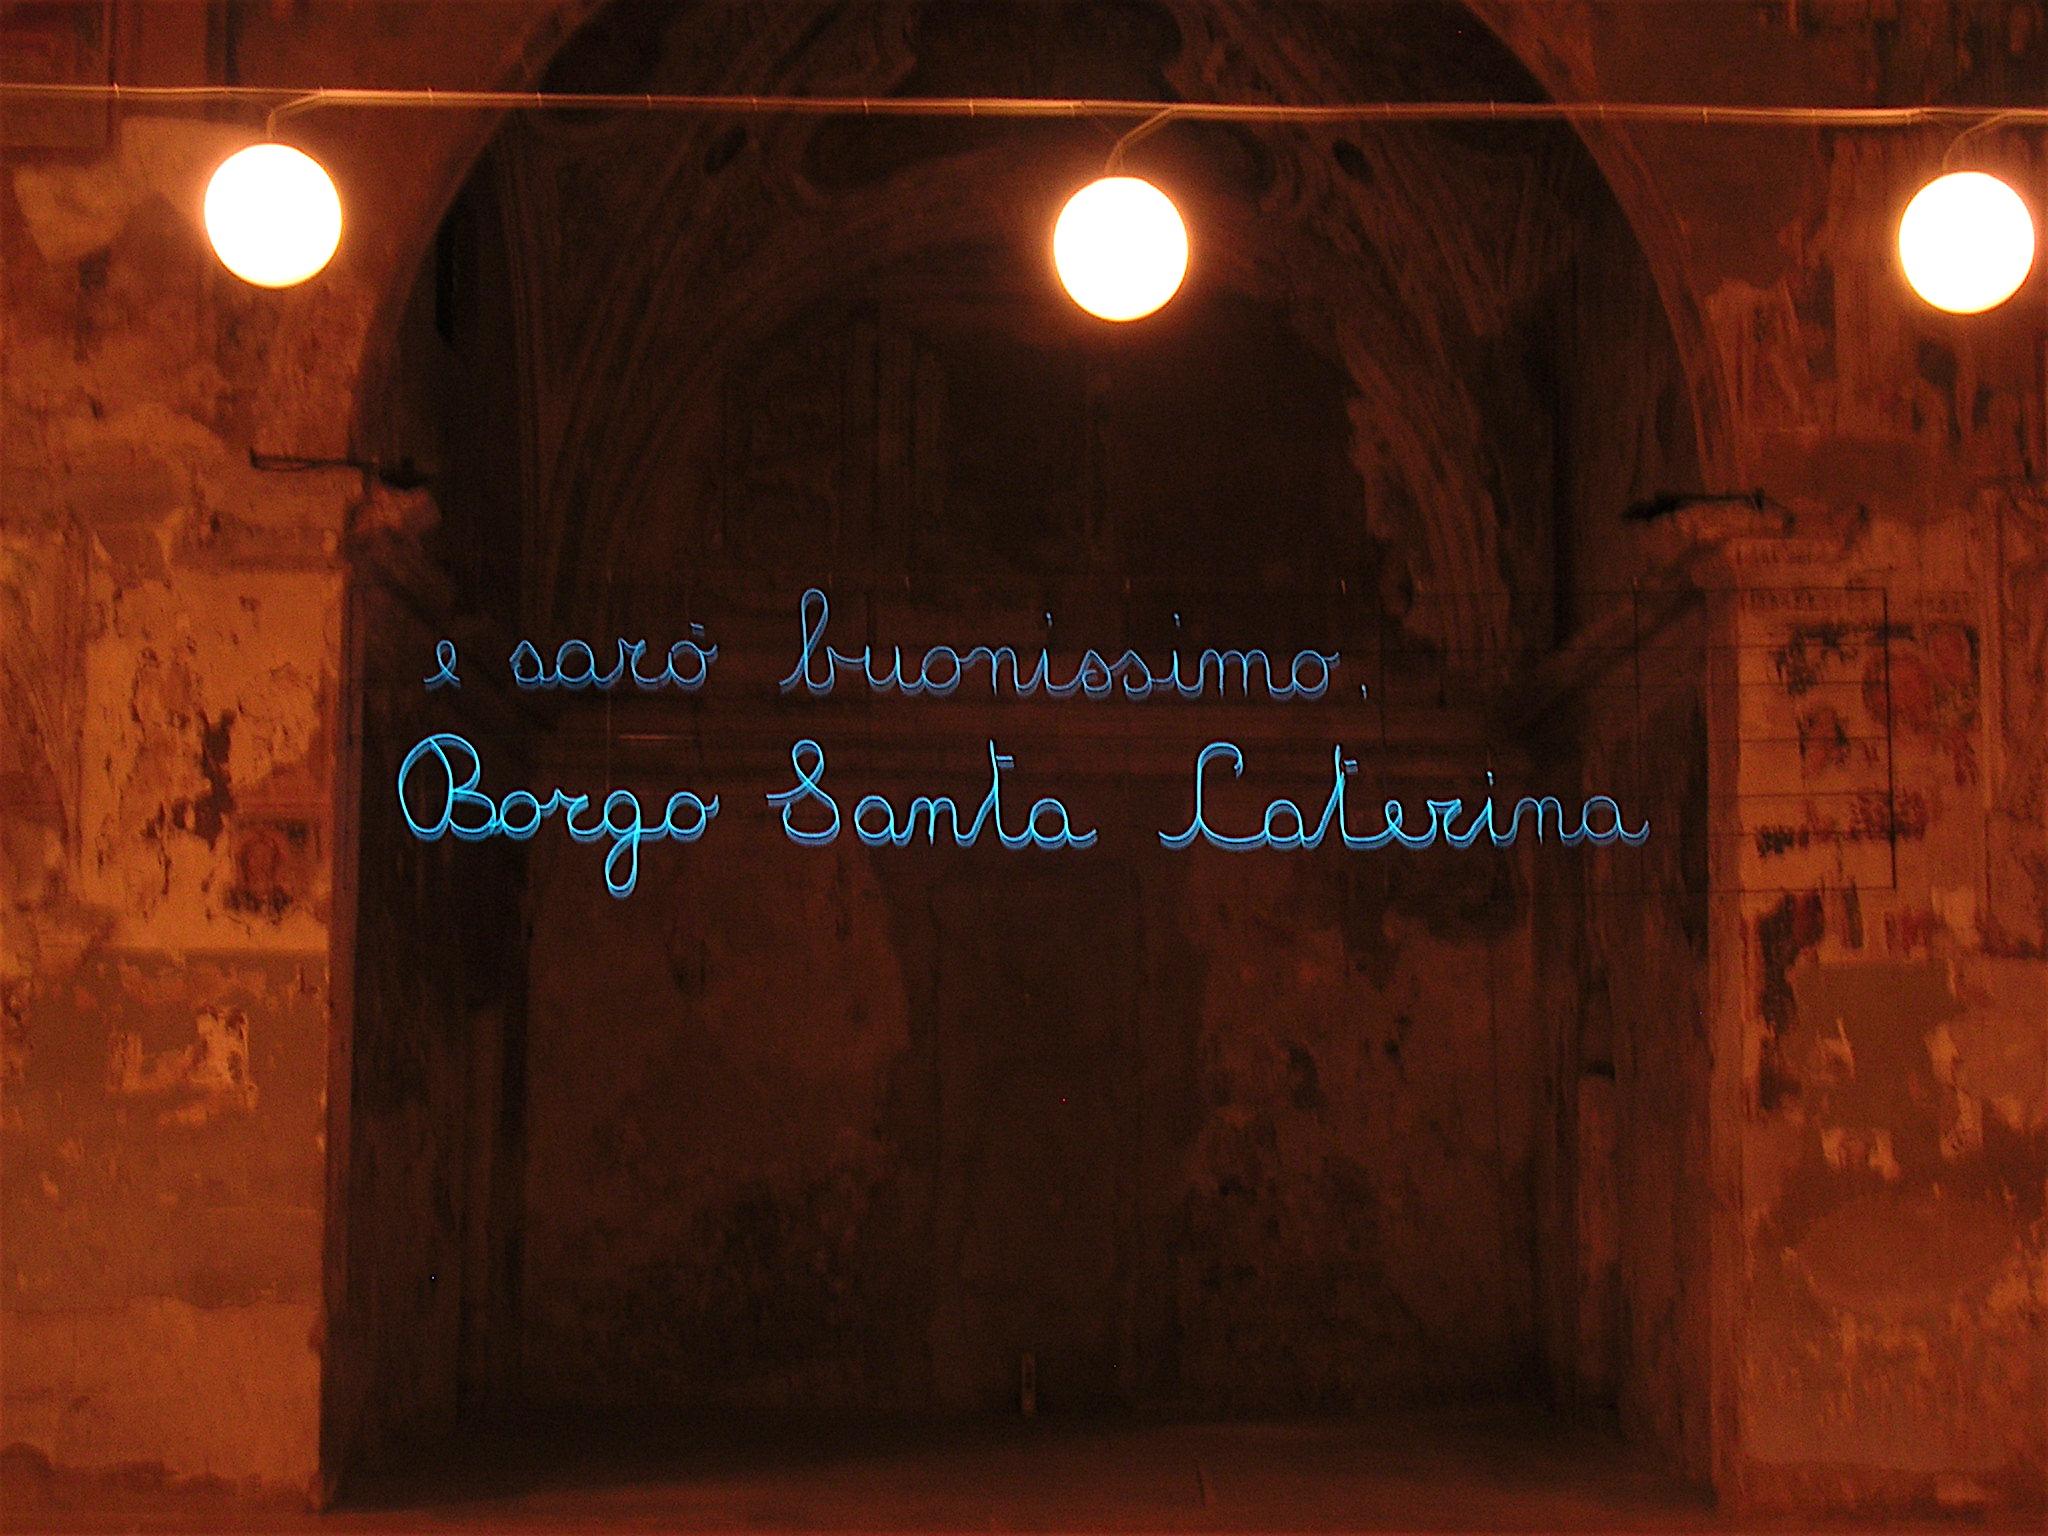 Salvatore Falci, 2004, E sarò buonissimo, progetto per Borgo Santa Caterina (BG)